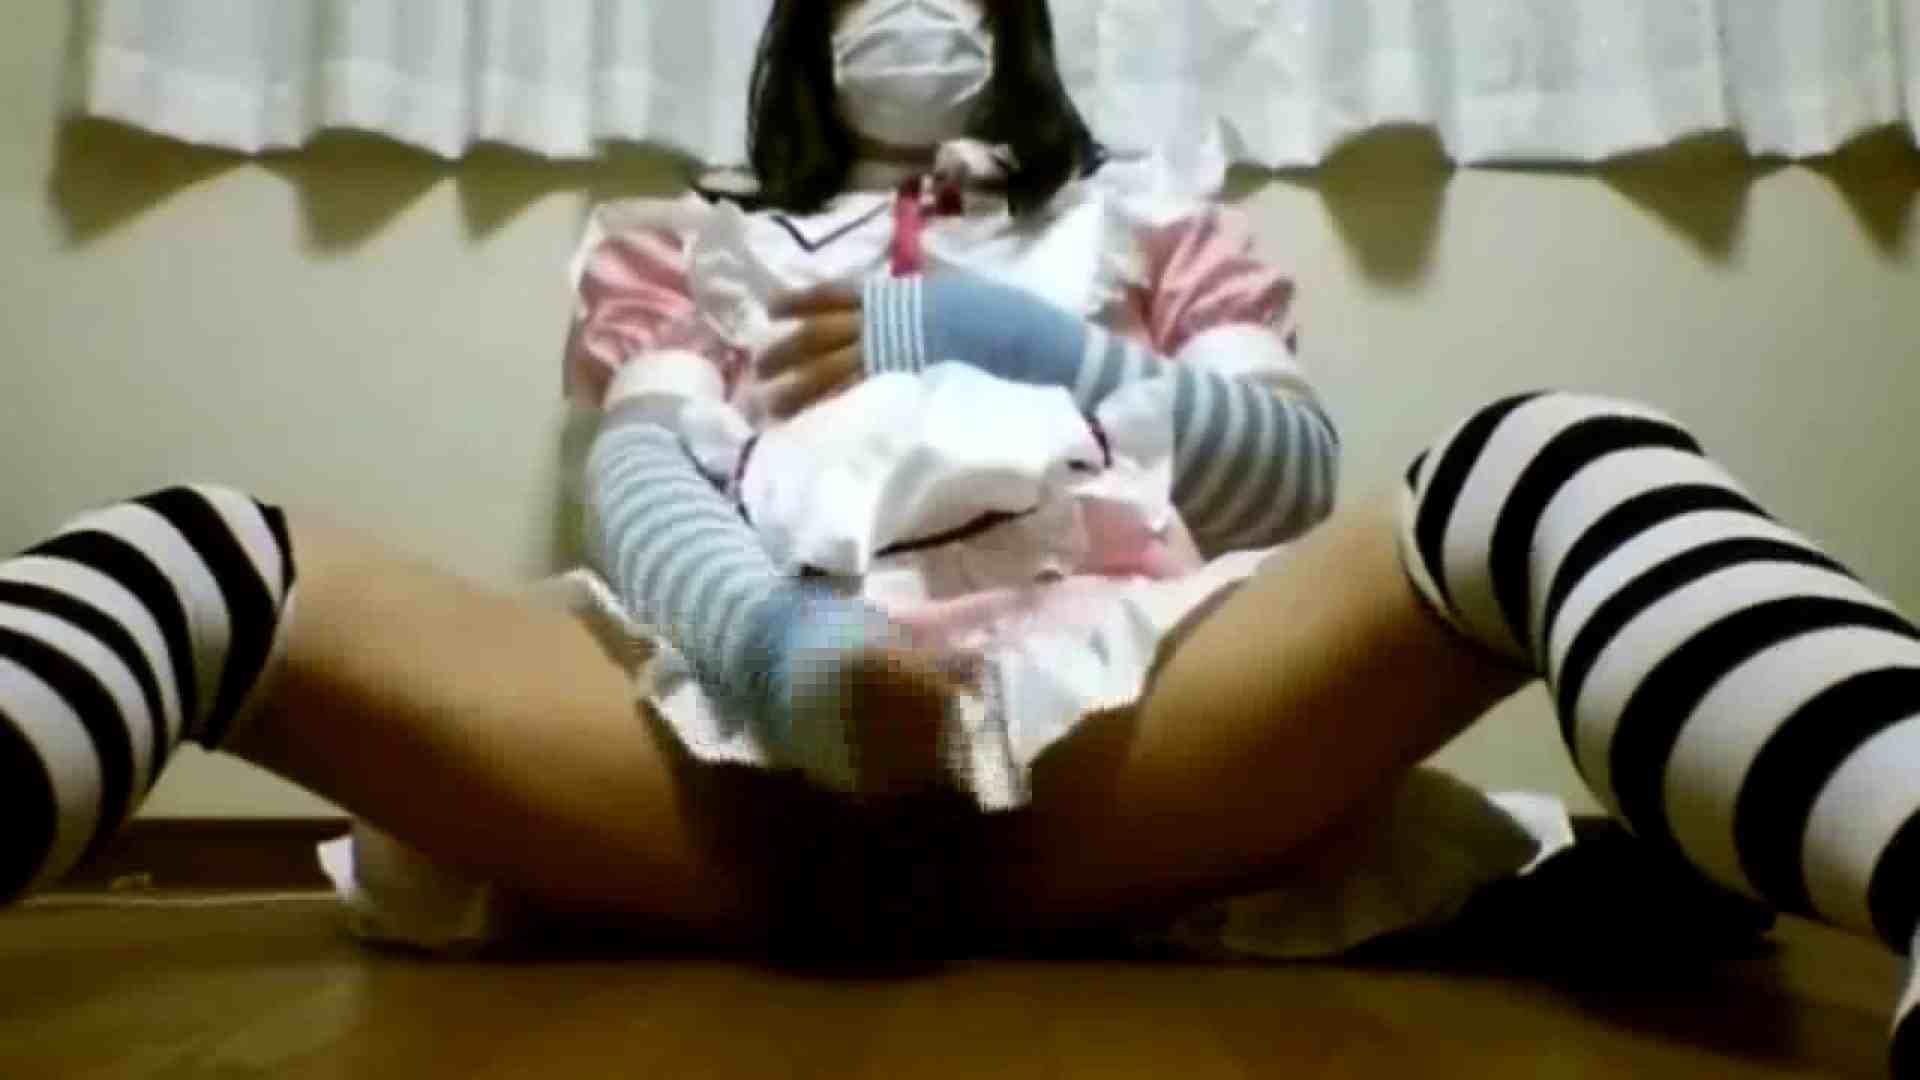 男のKOスプレー!Vol.10 男どうし ゲイ丸見え画像 73pic 51